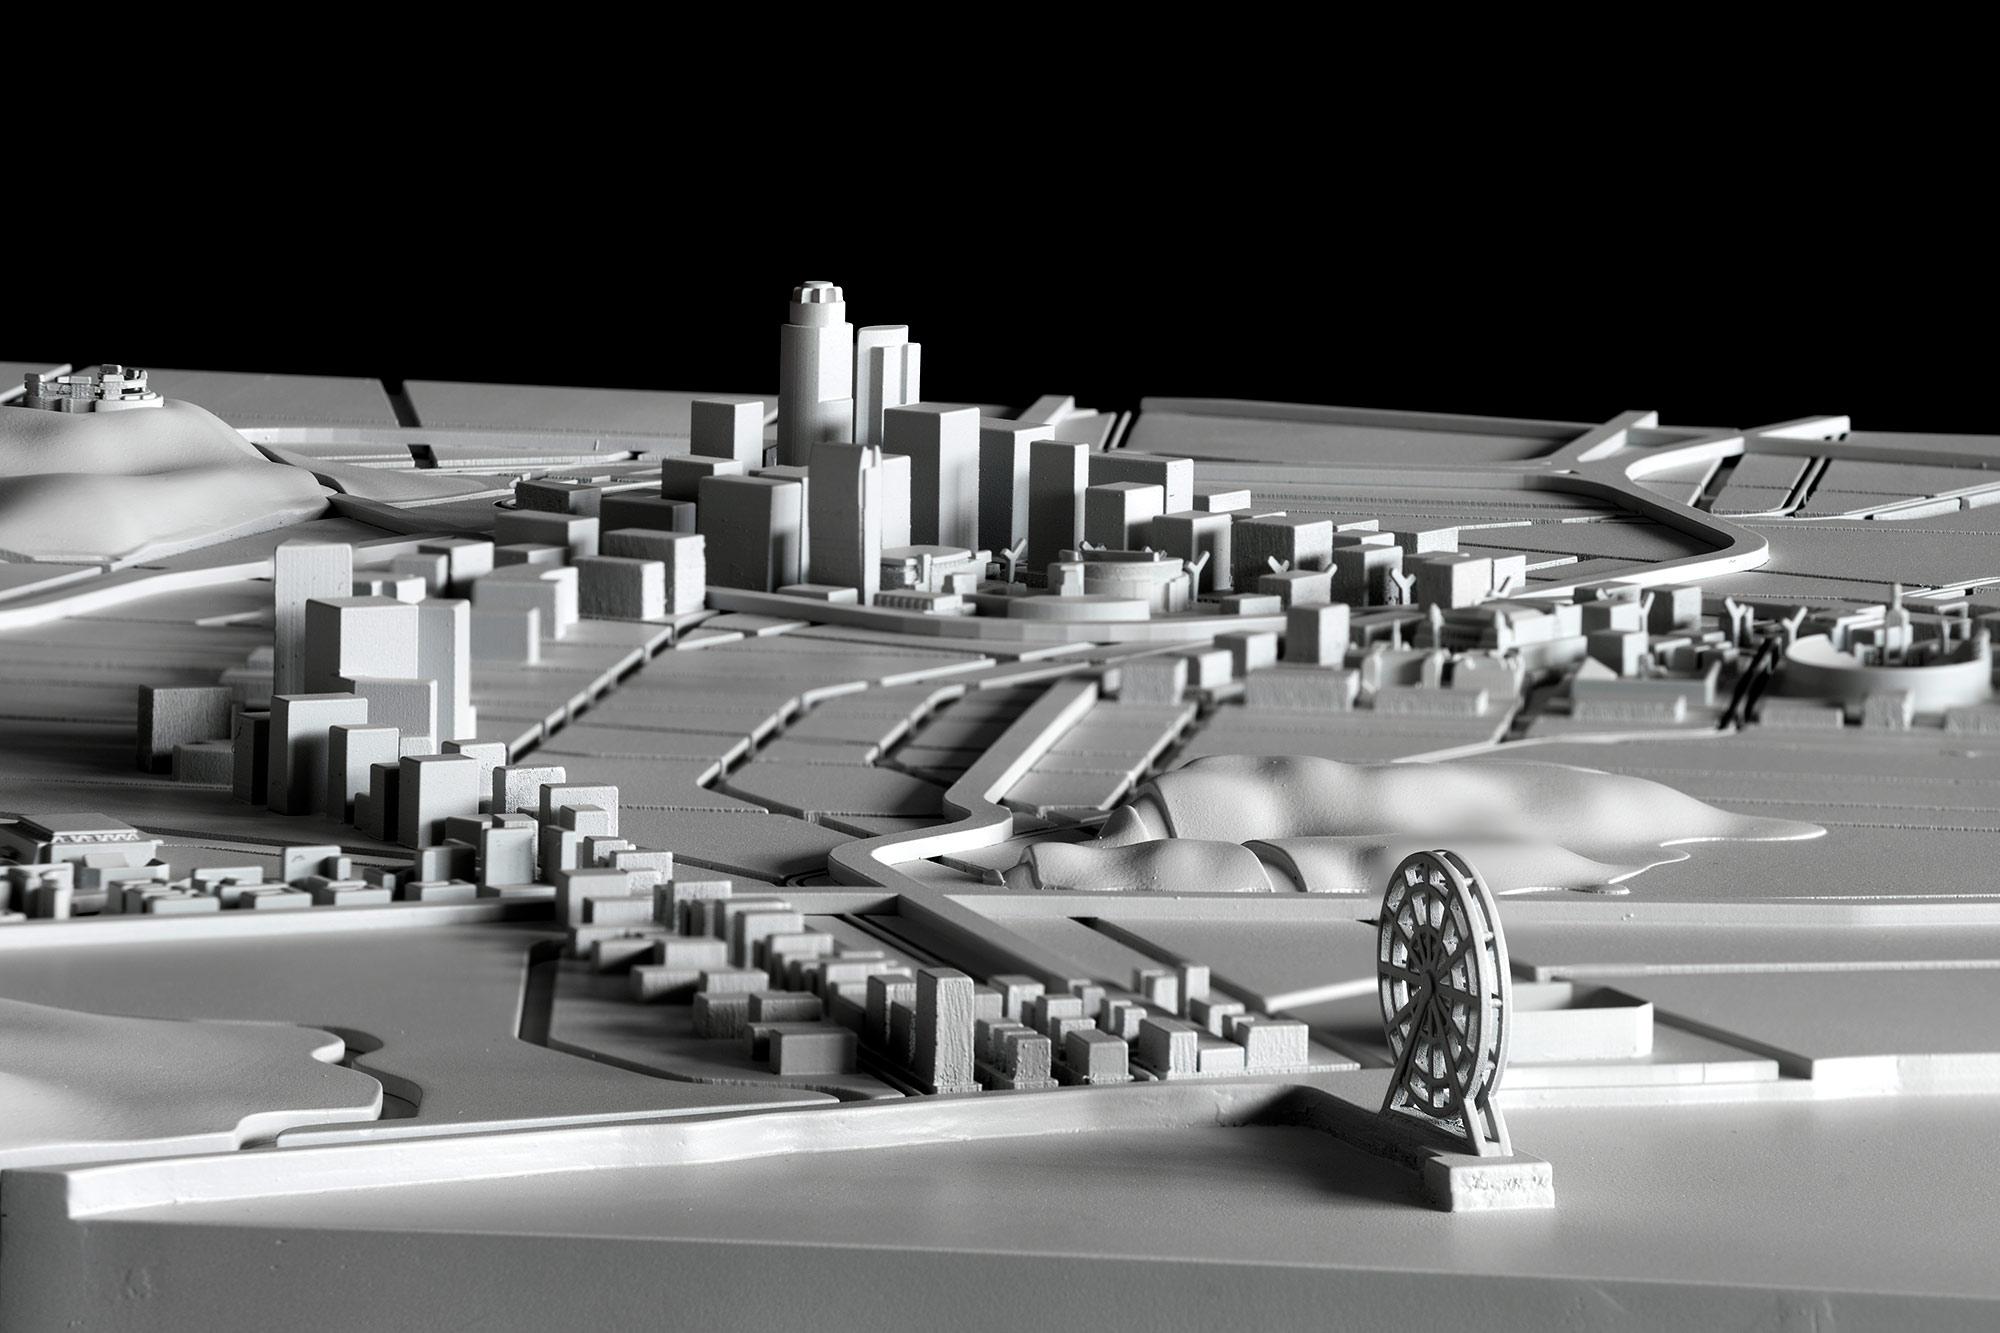 Maqueta Olimpiadas de Los Ángeles 2028 realizada por EXarchitects con impresión 3D